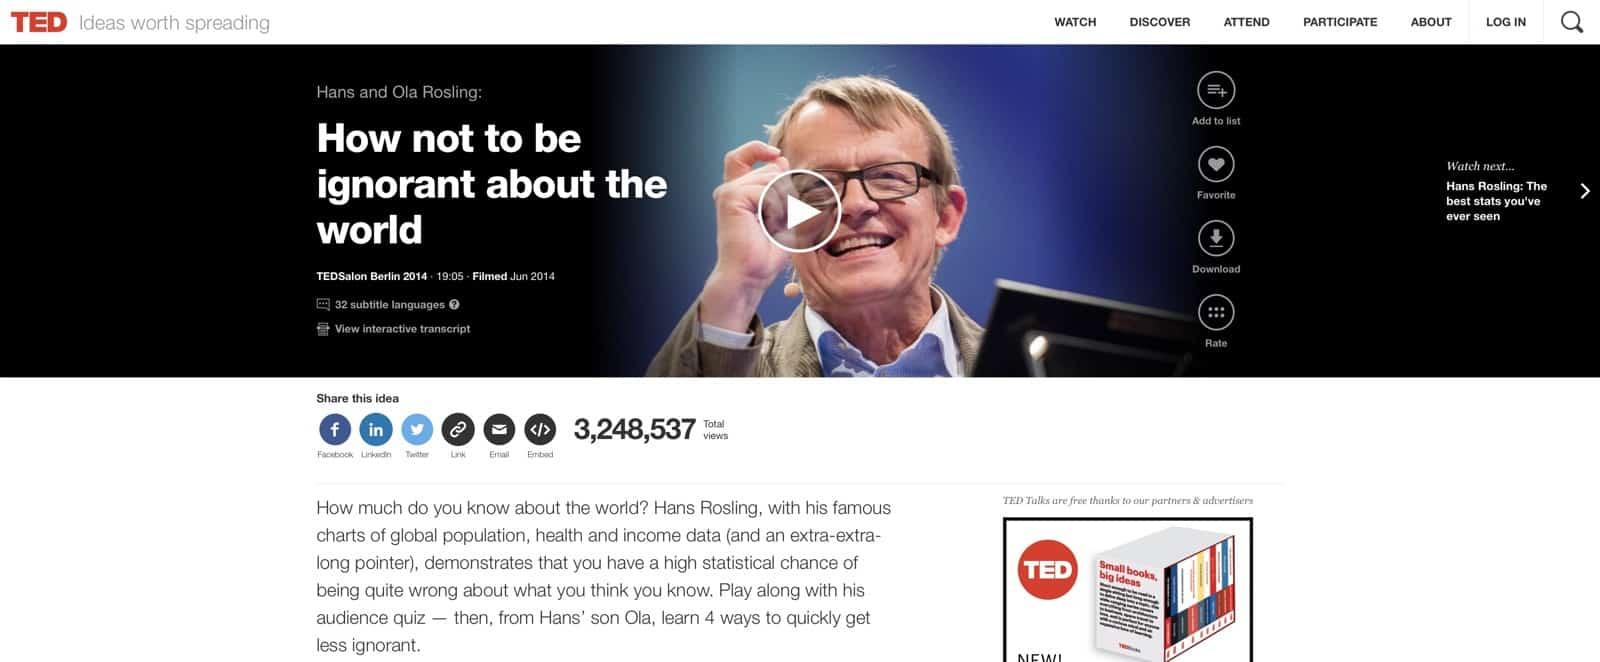 Här är Hans Rosling alla fantastiska föreläsningar på TED